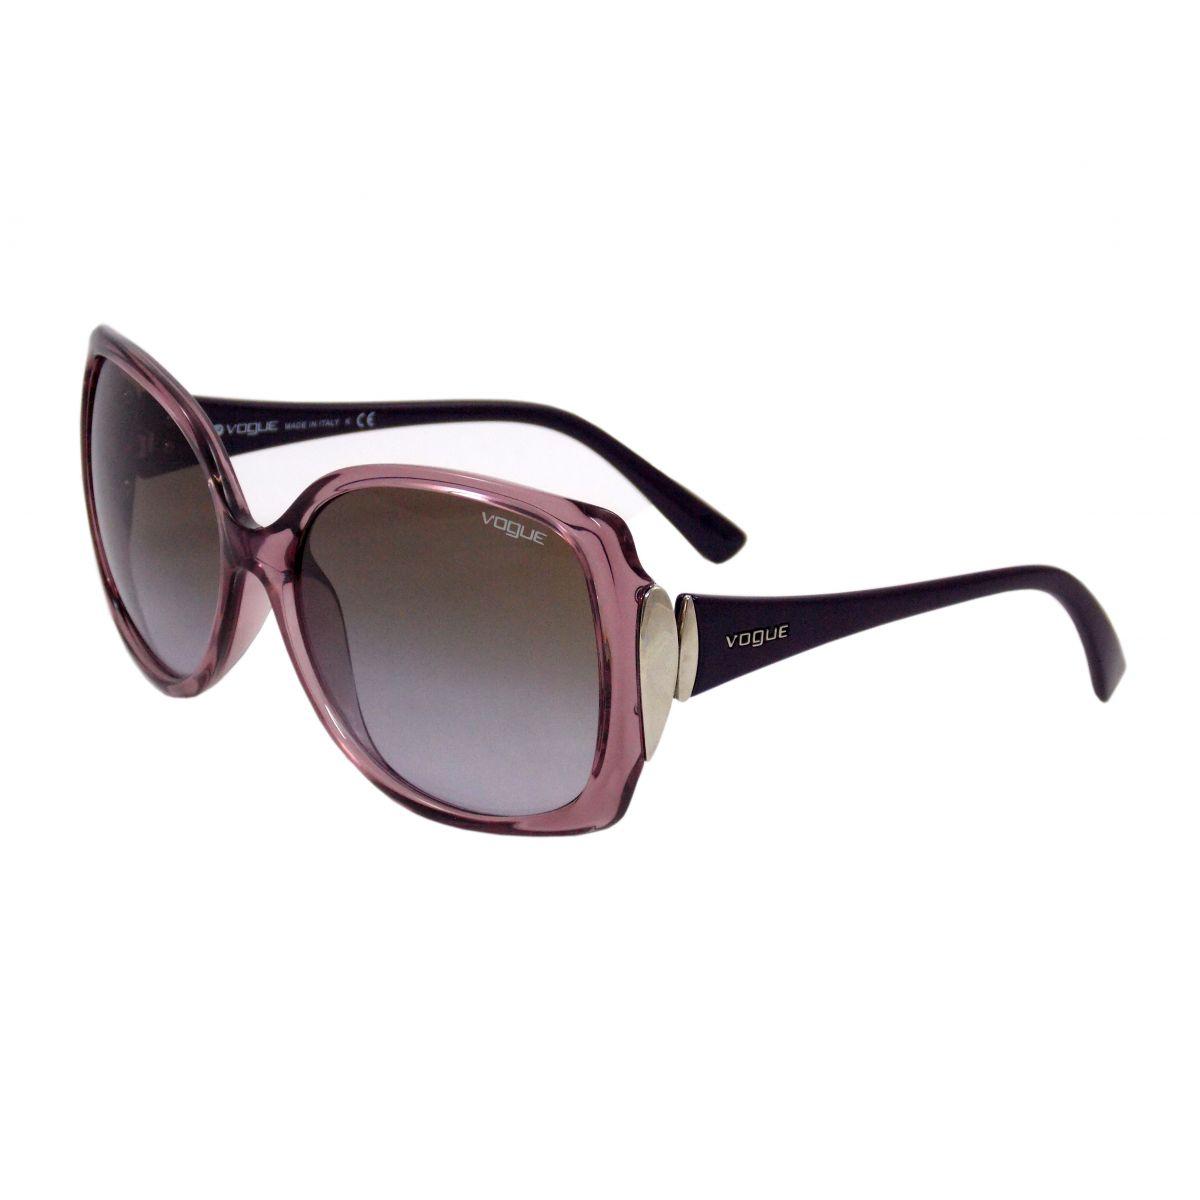 e80a22fed óculos De Sol Vogue Feminino | United Nations System Chief ...